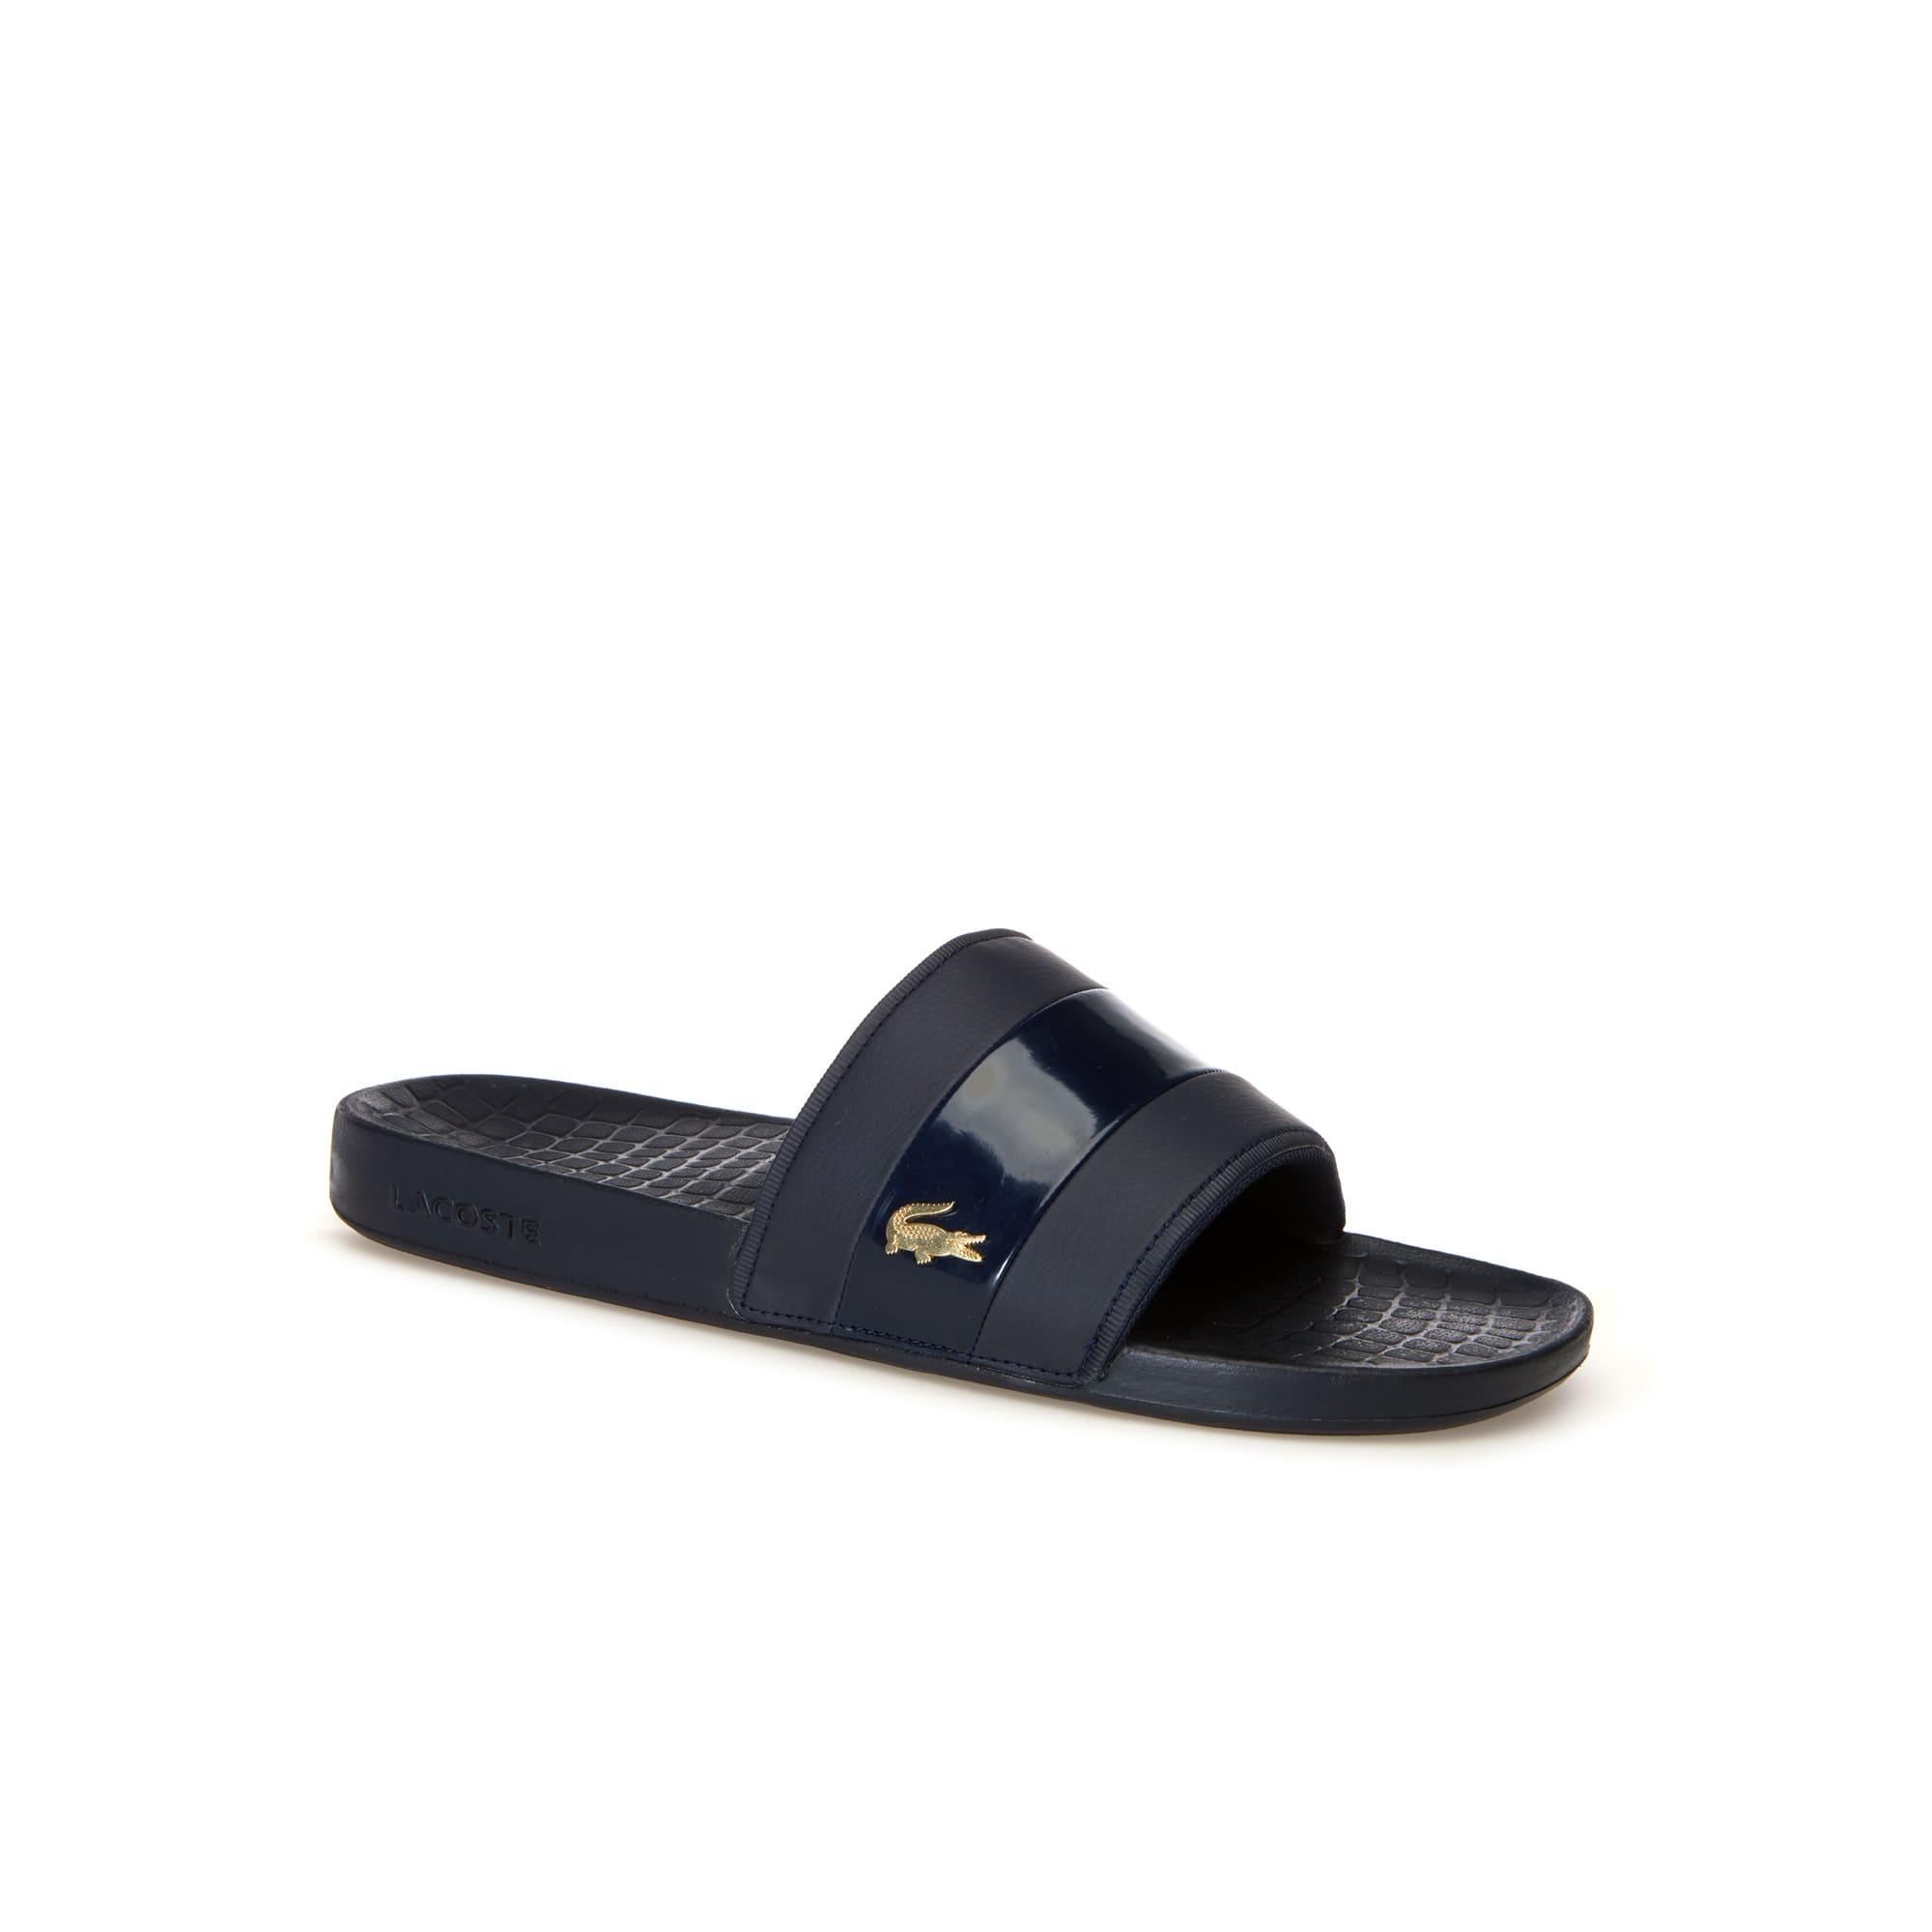 라코스테 Lacoste Men's Fraisier Leather Slides,navy/gold